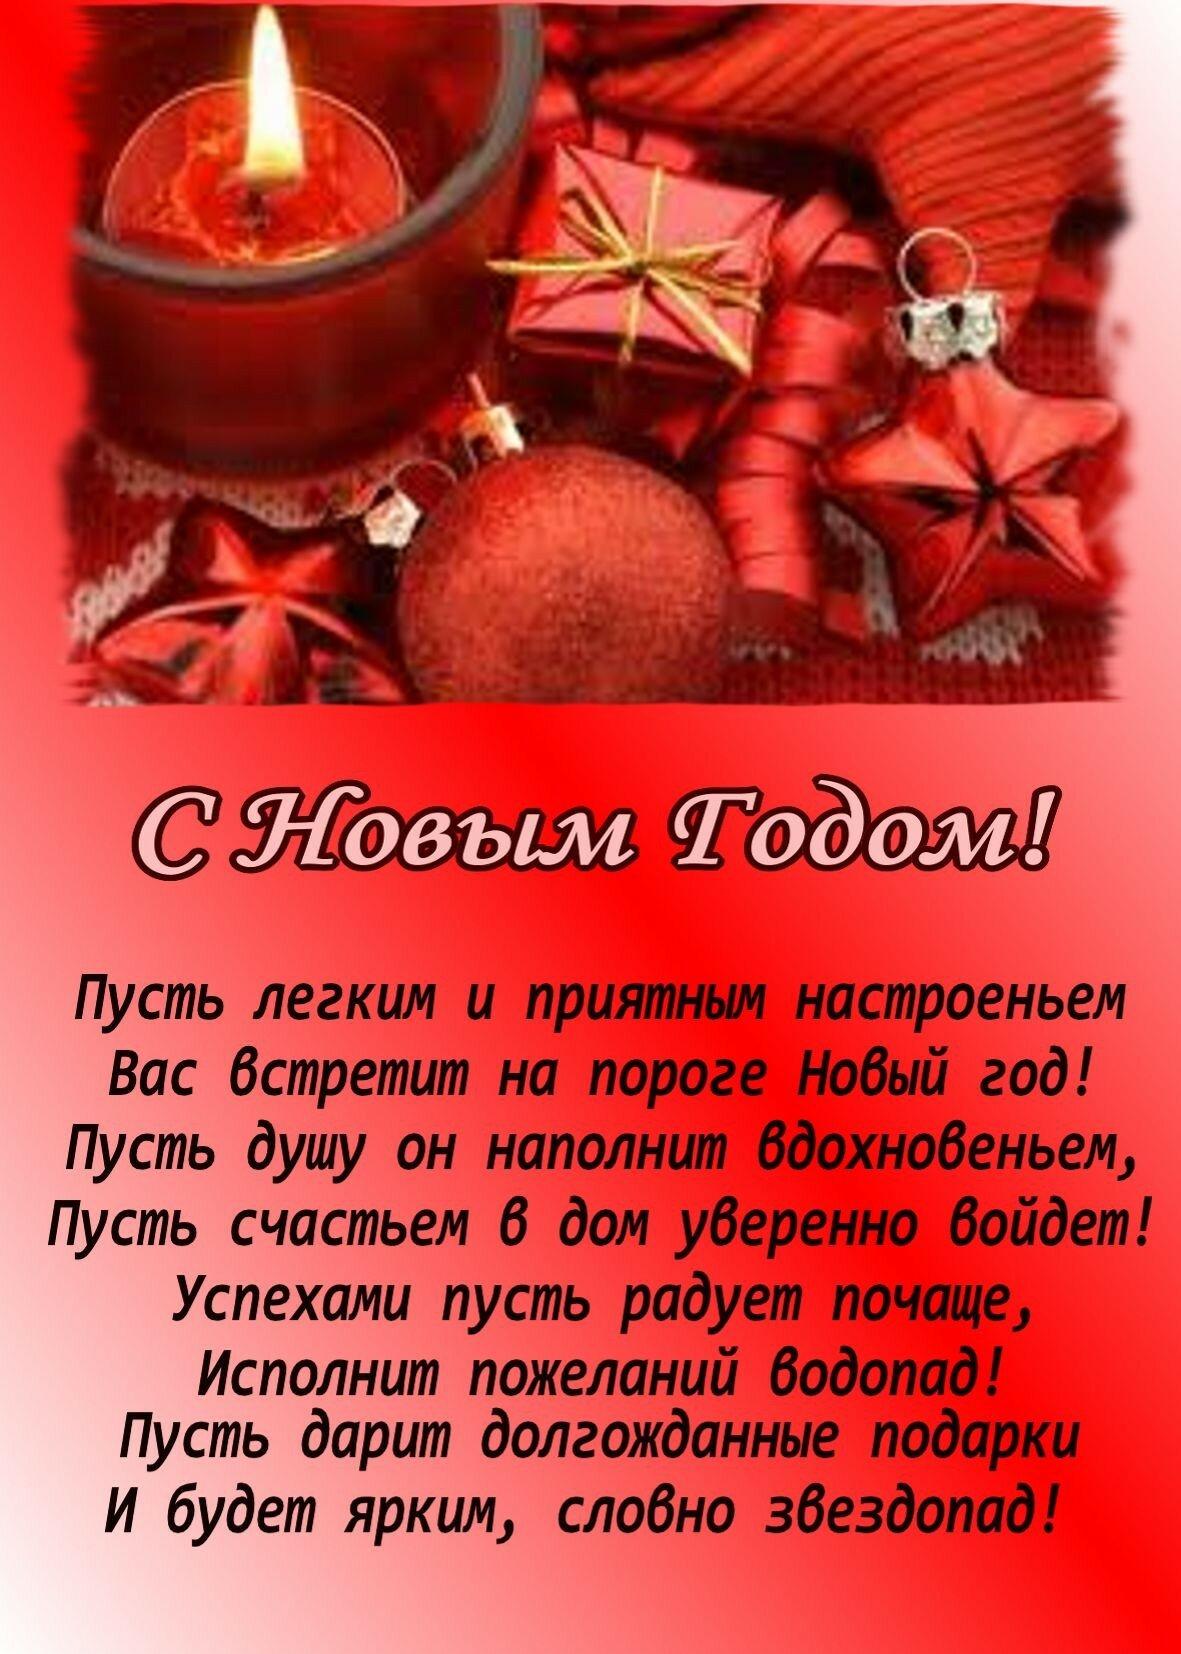 поздравление для подруги к новому году